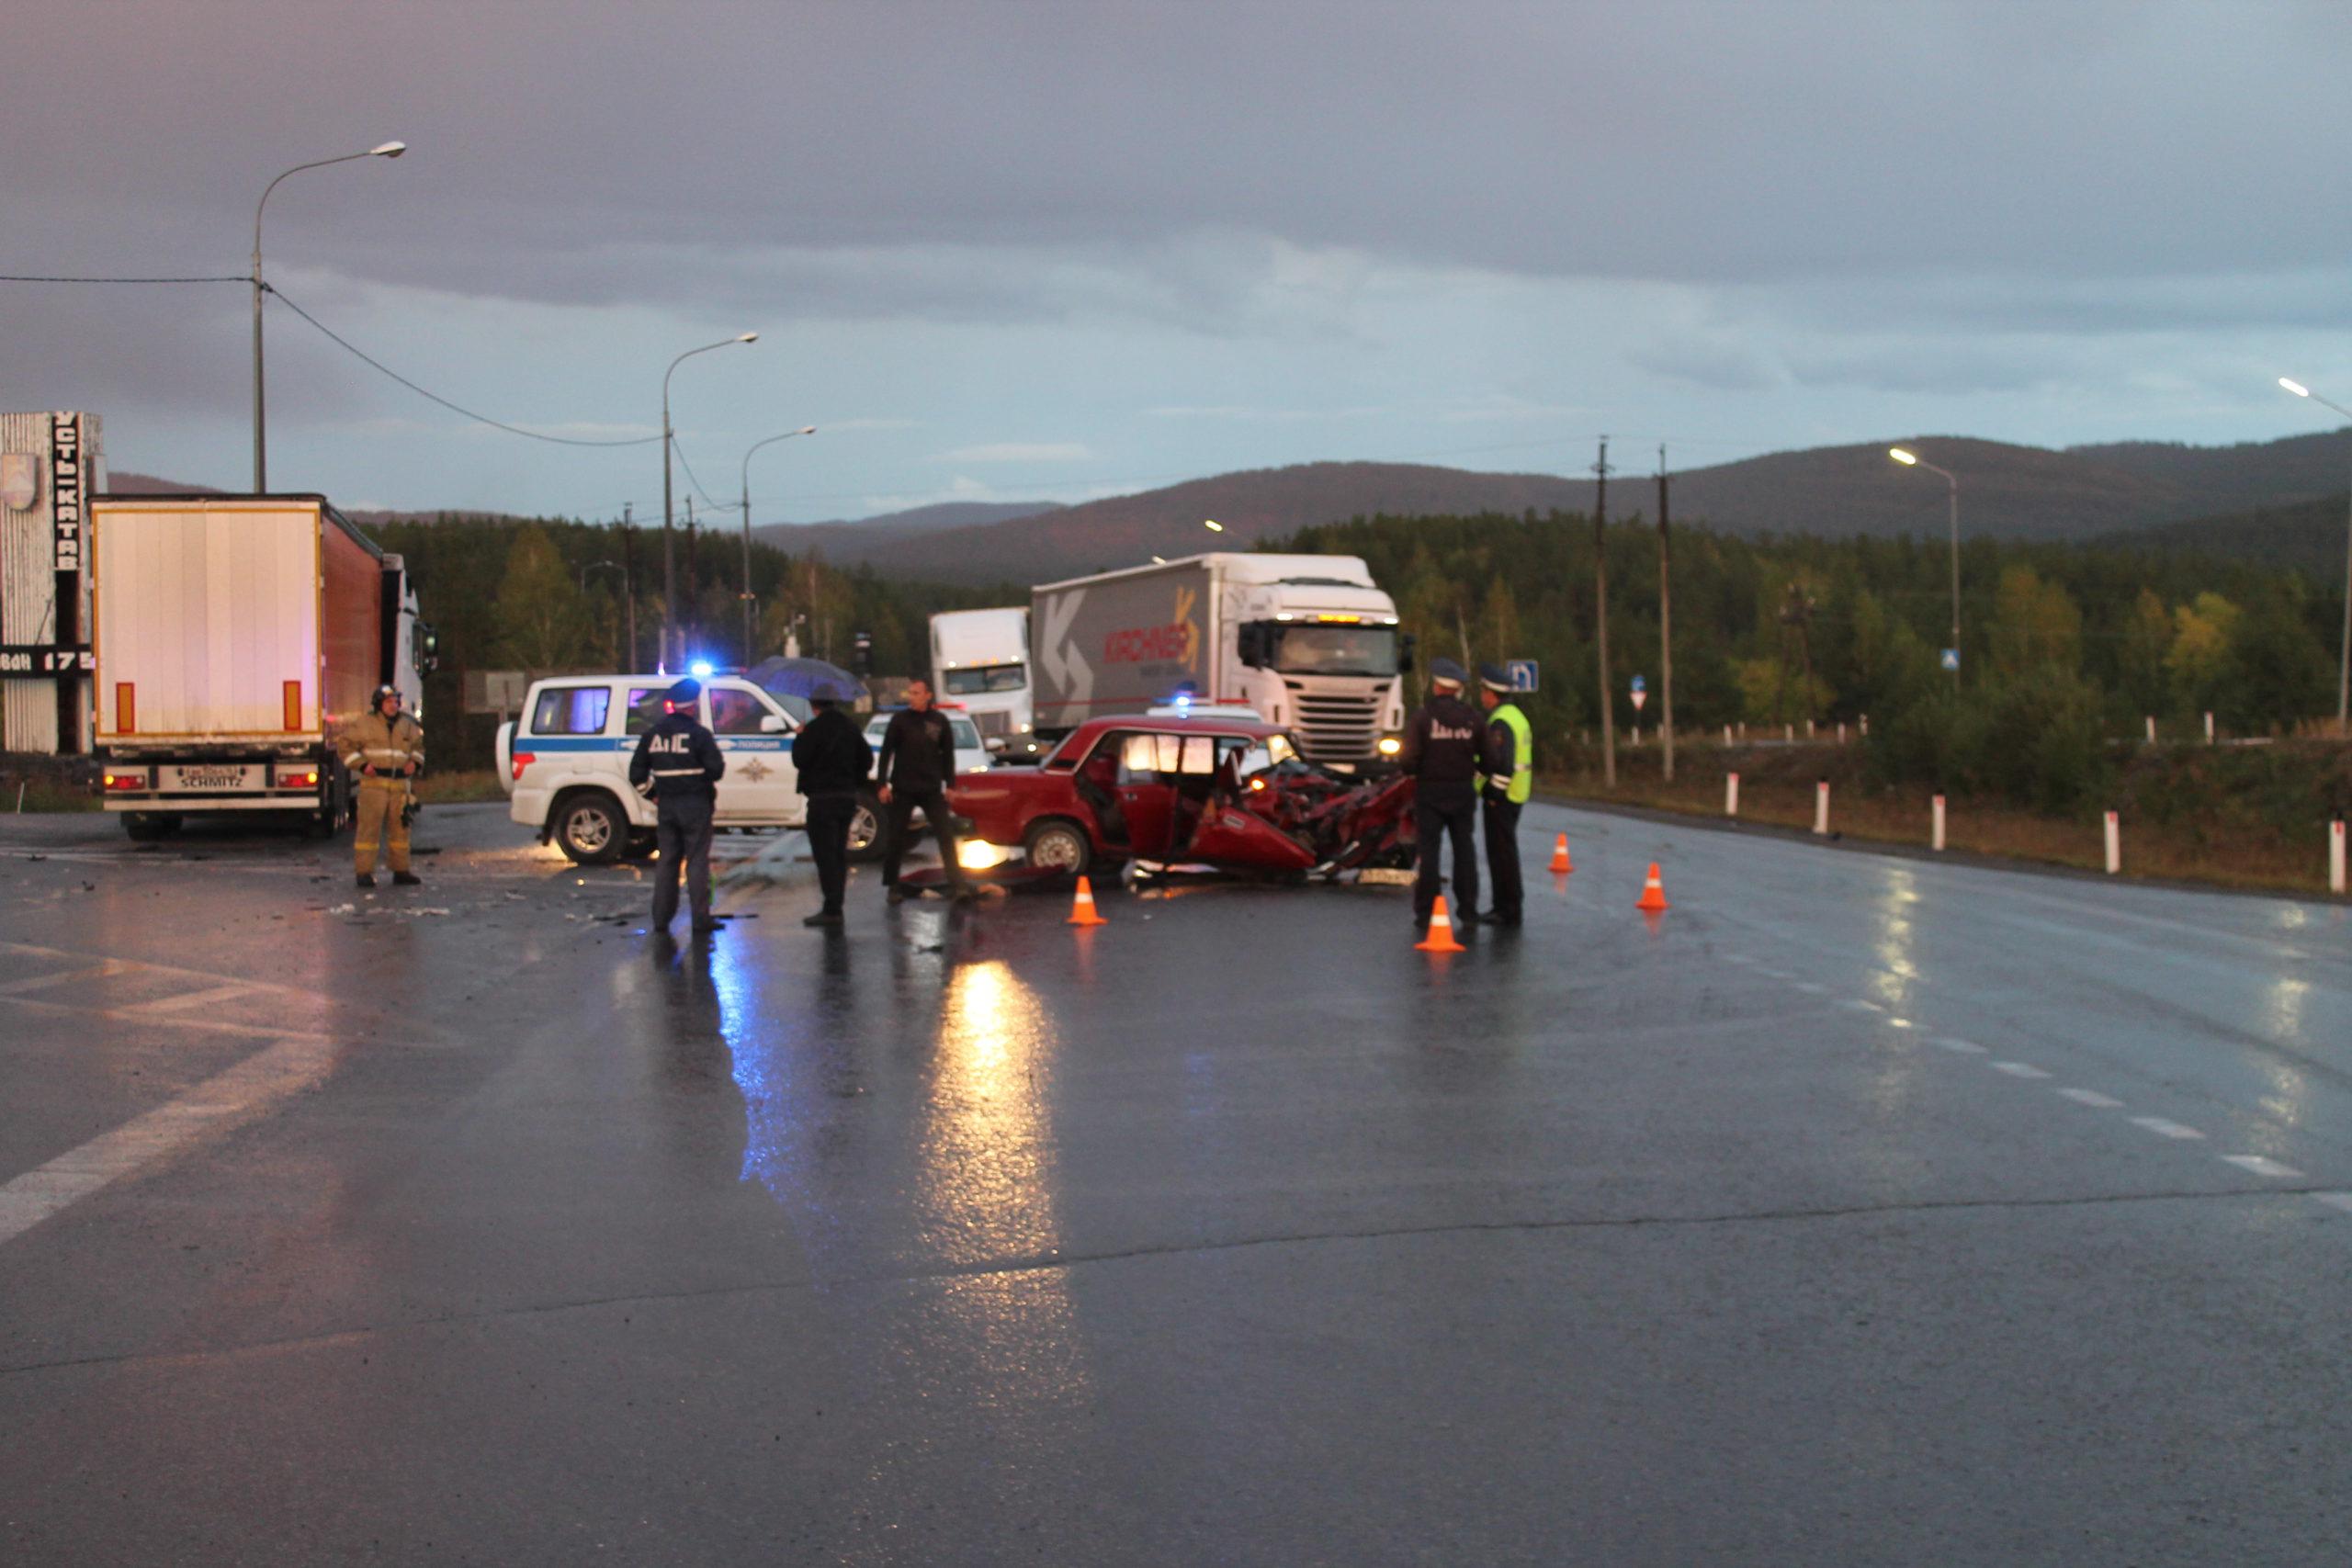 На трассе М-5 под Усть-Катавом произошло смертельное ДТП